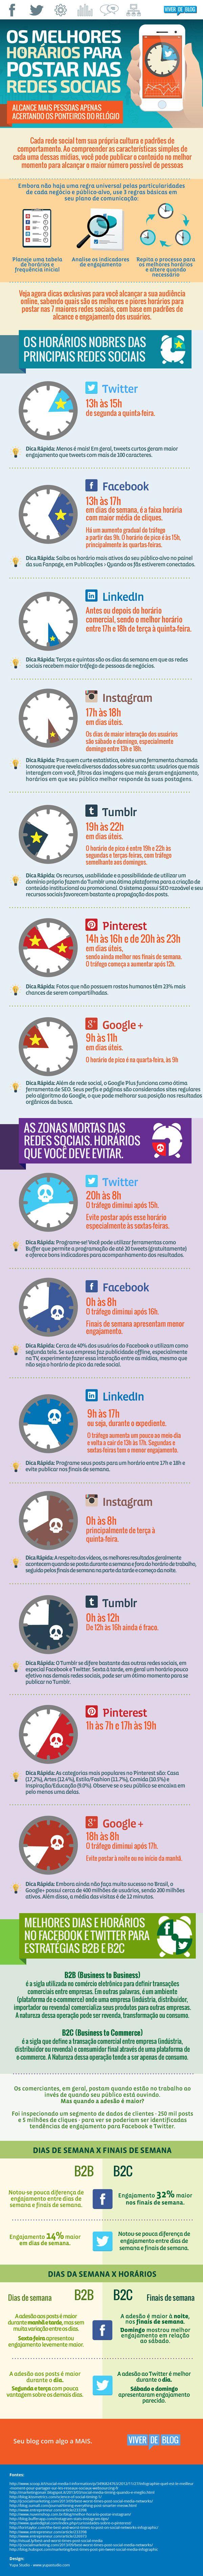 Quais são os melhores horários para postar nas redes sociais? Descubra o horário nobre do Facebook, Twitter, Google+, Instagram e muito mais...